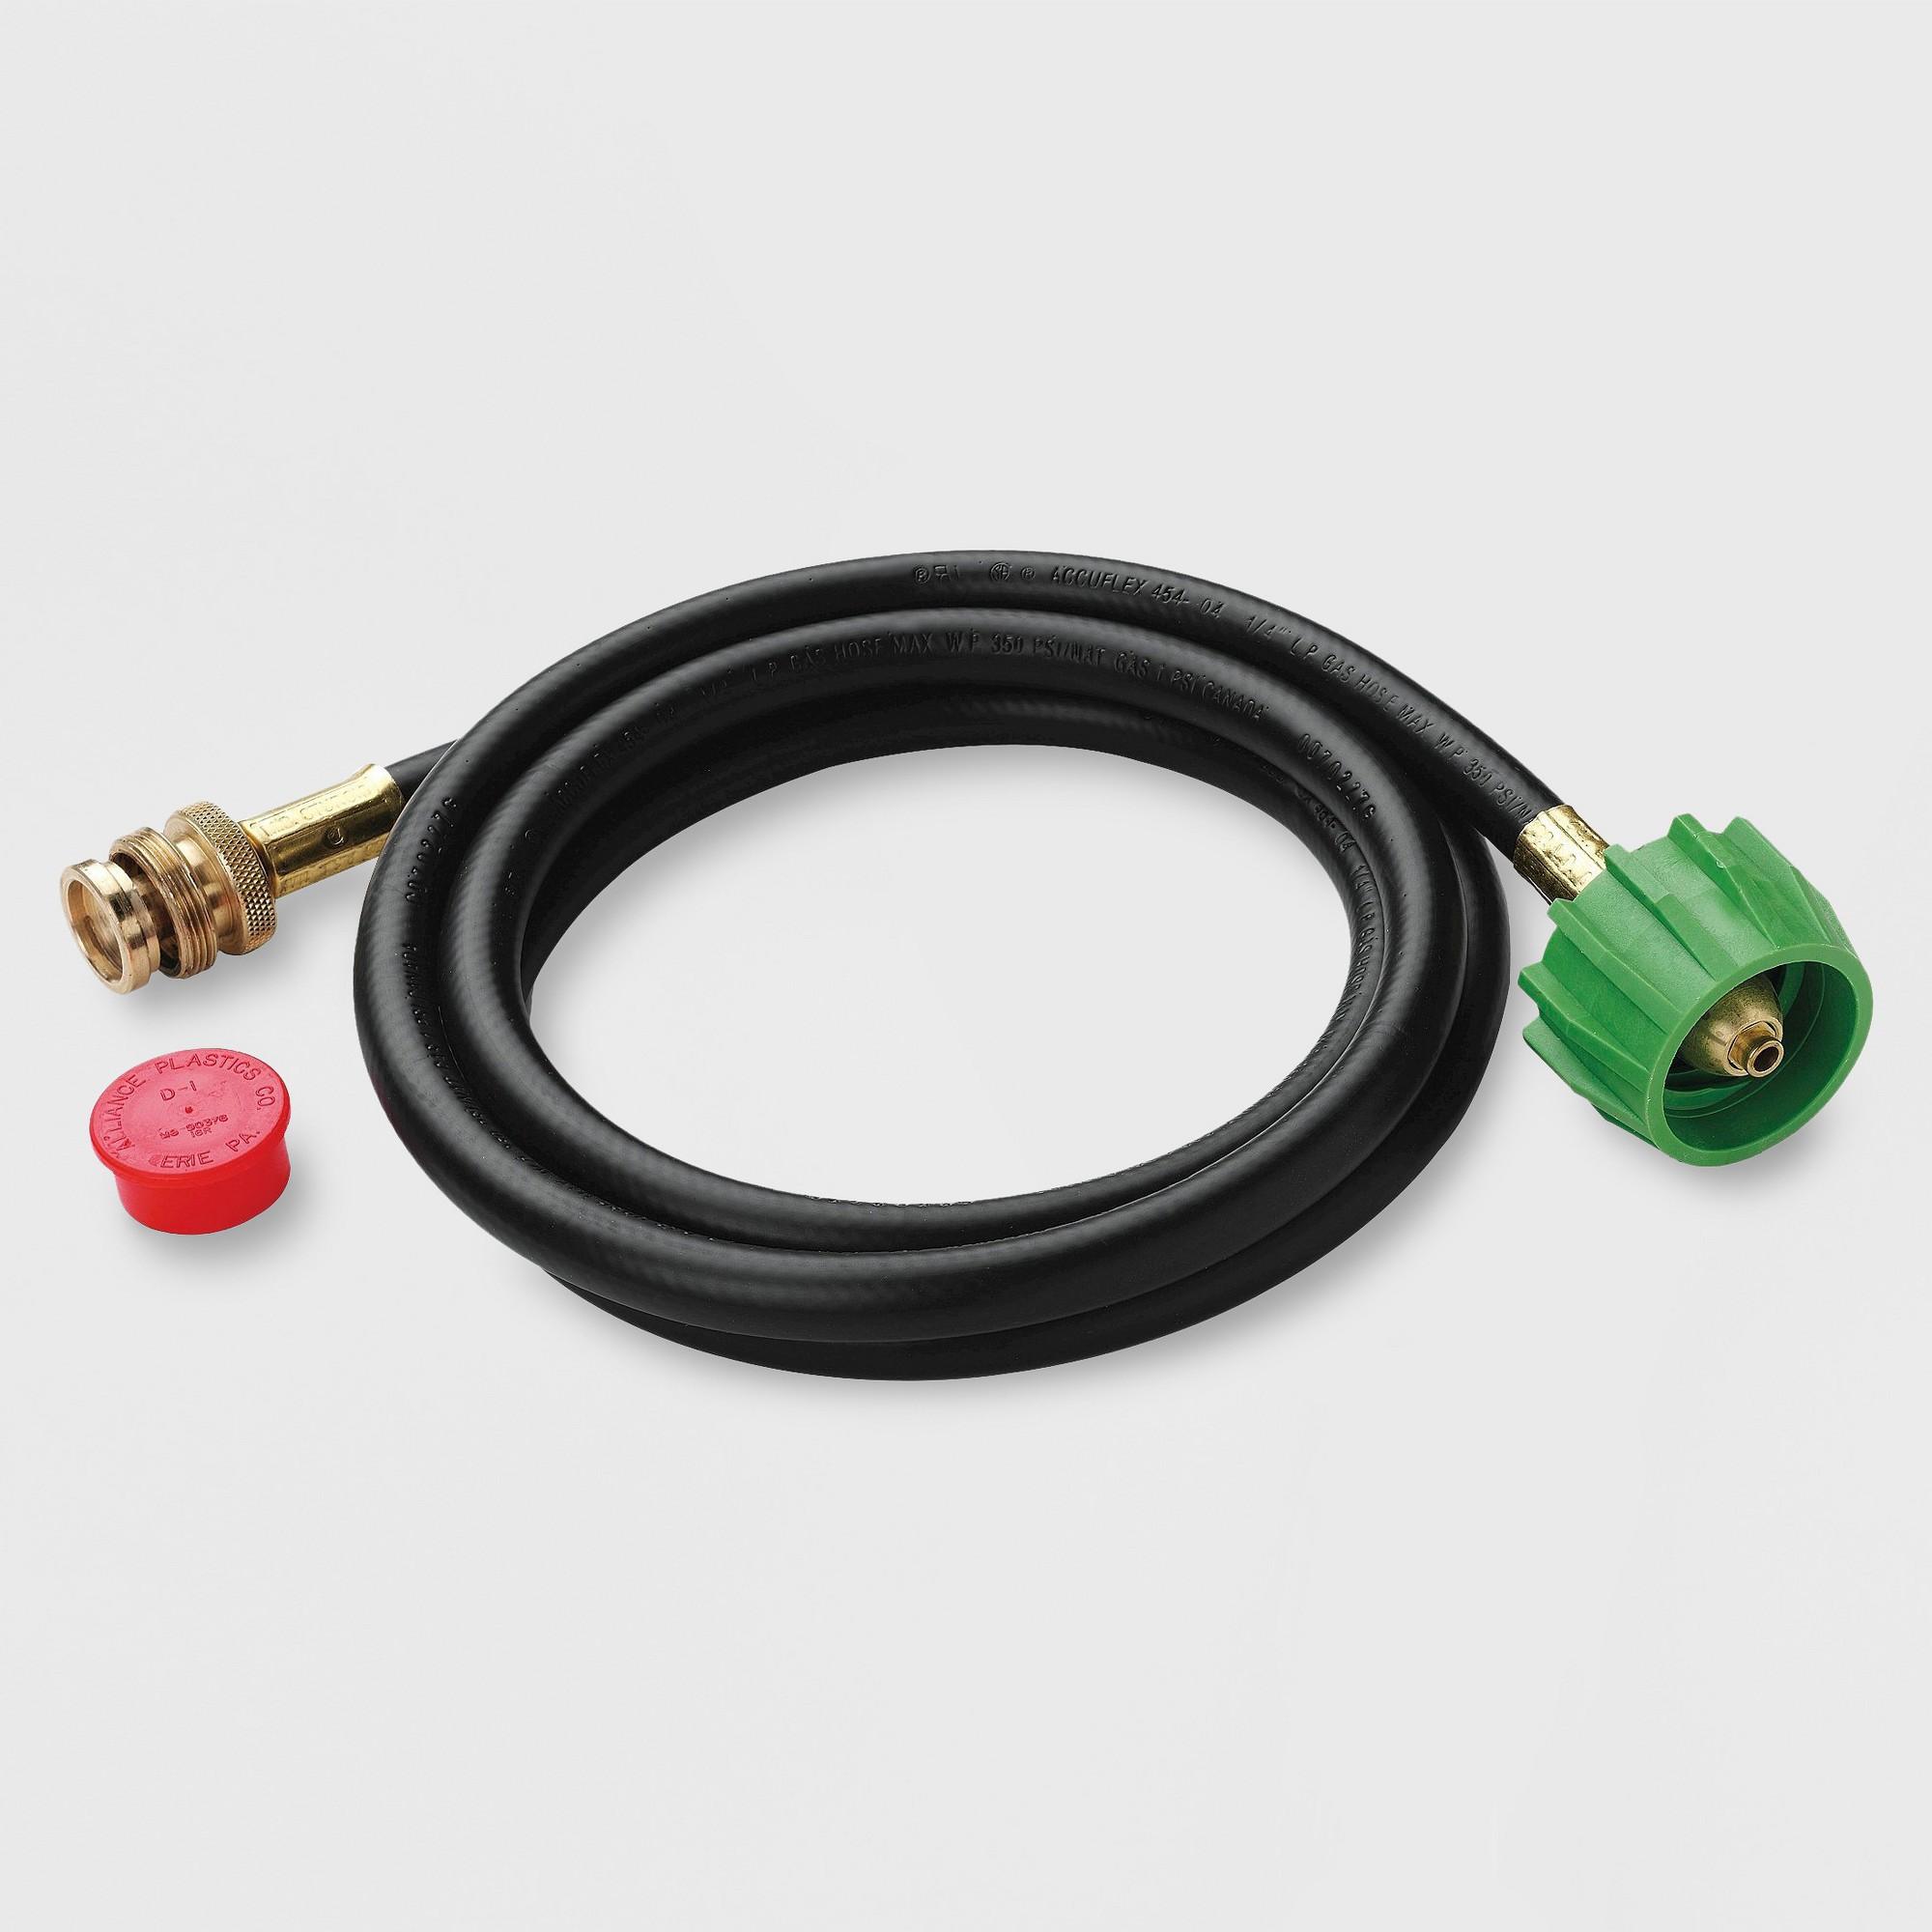 Weber Adapter Hose, Black